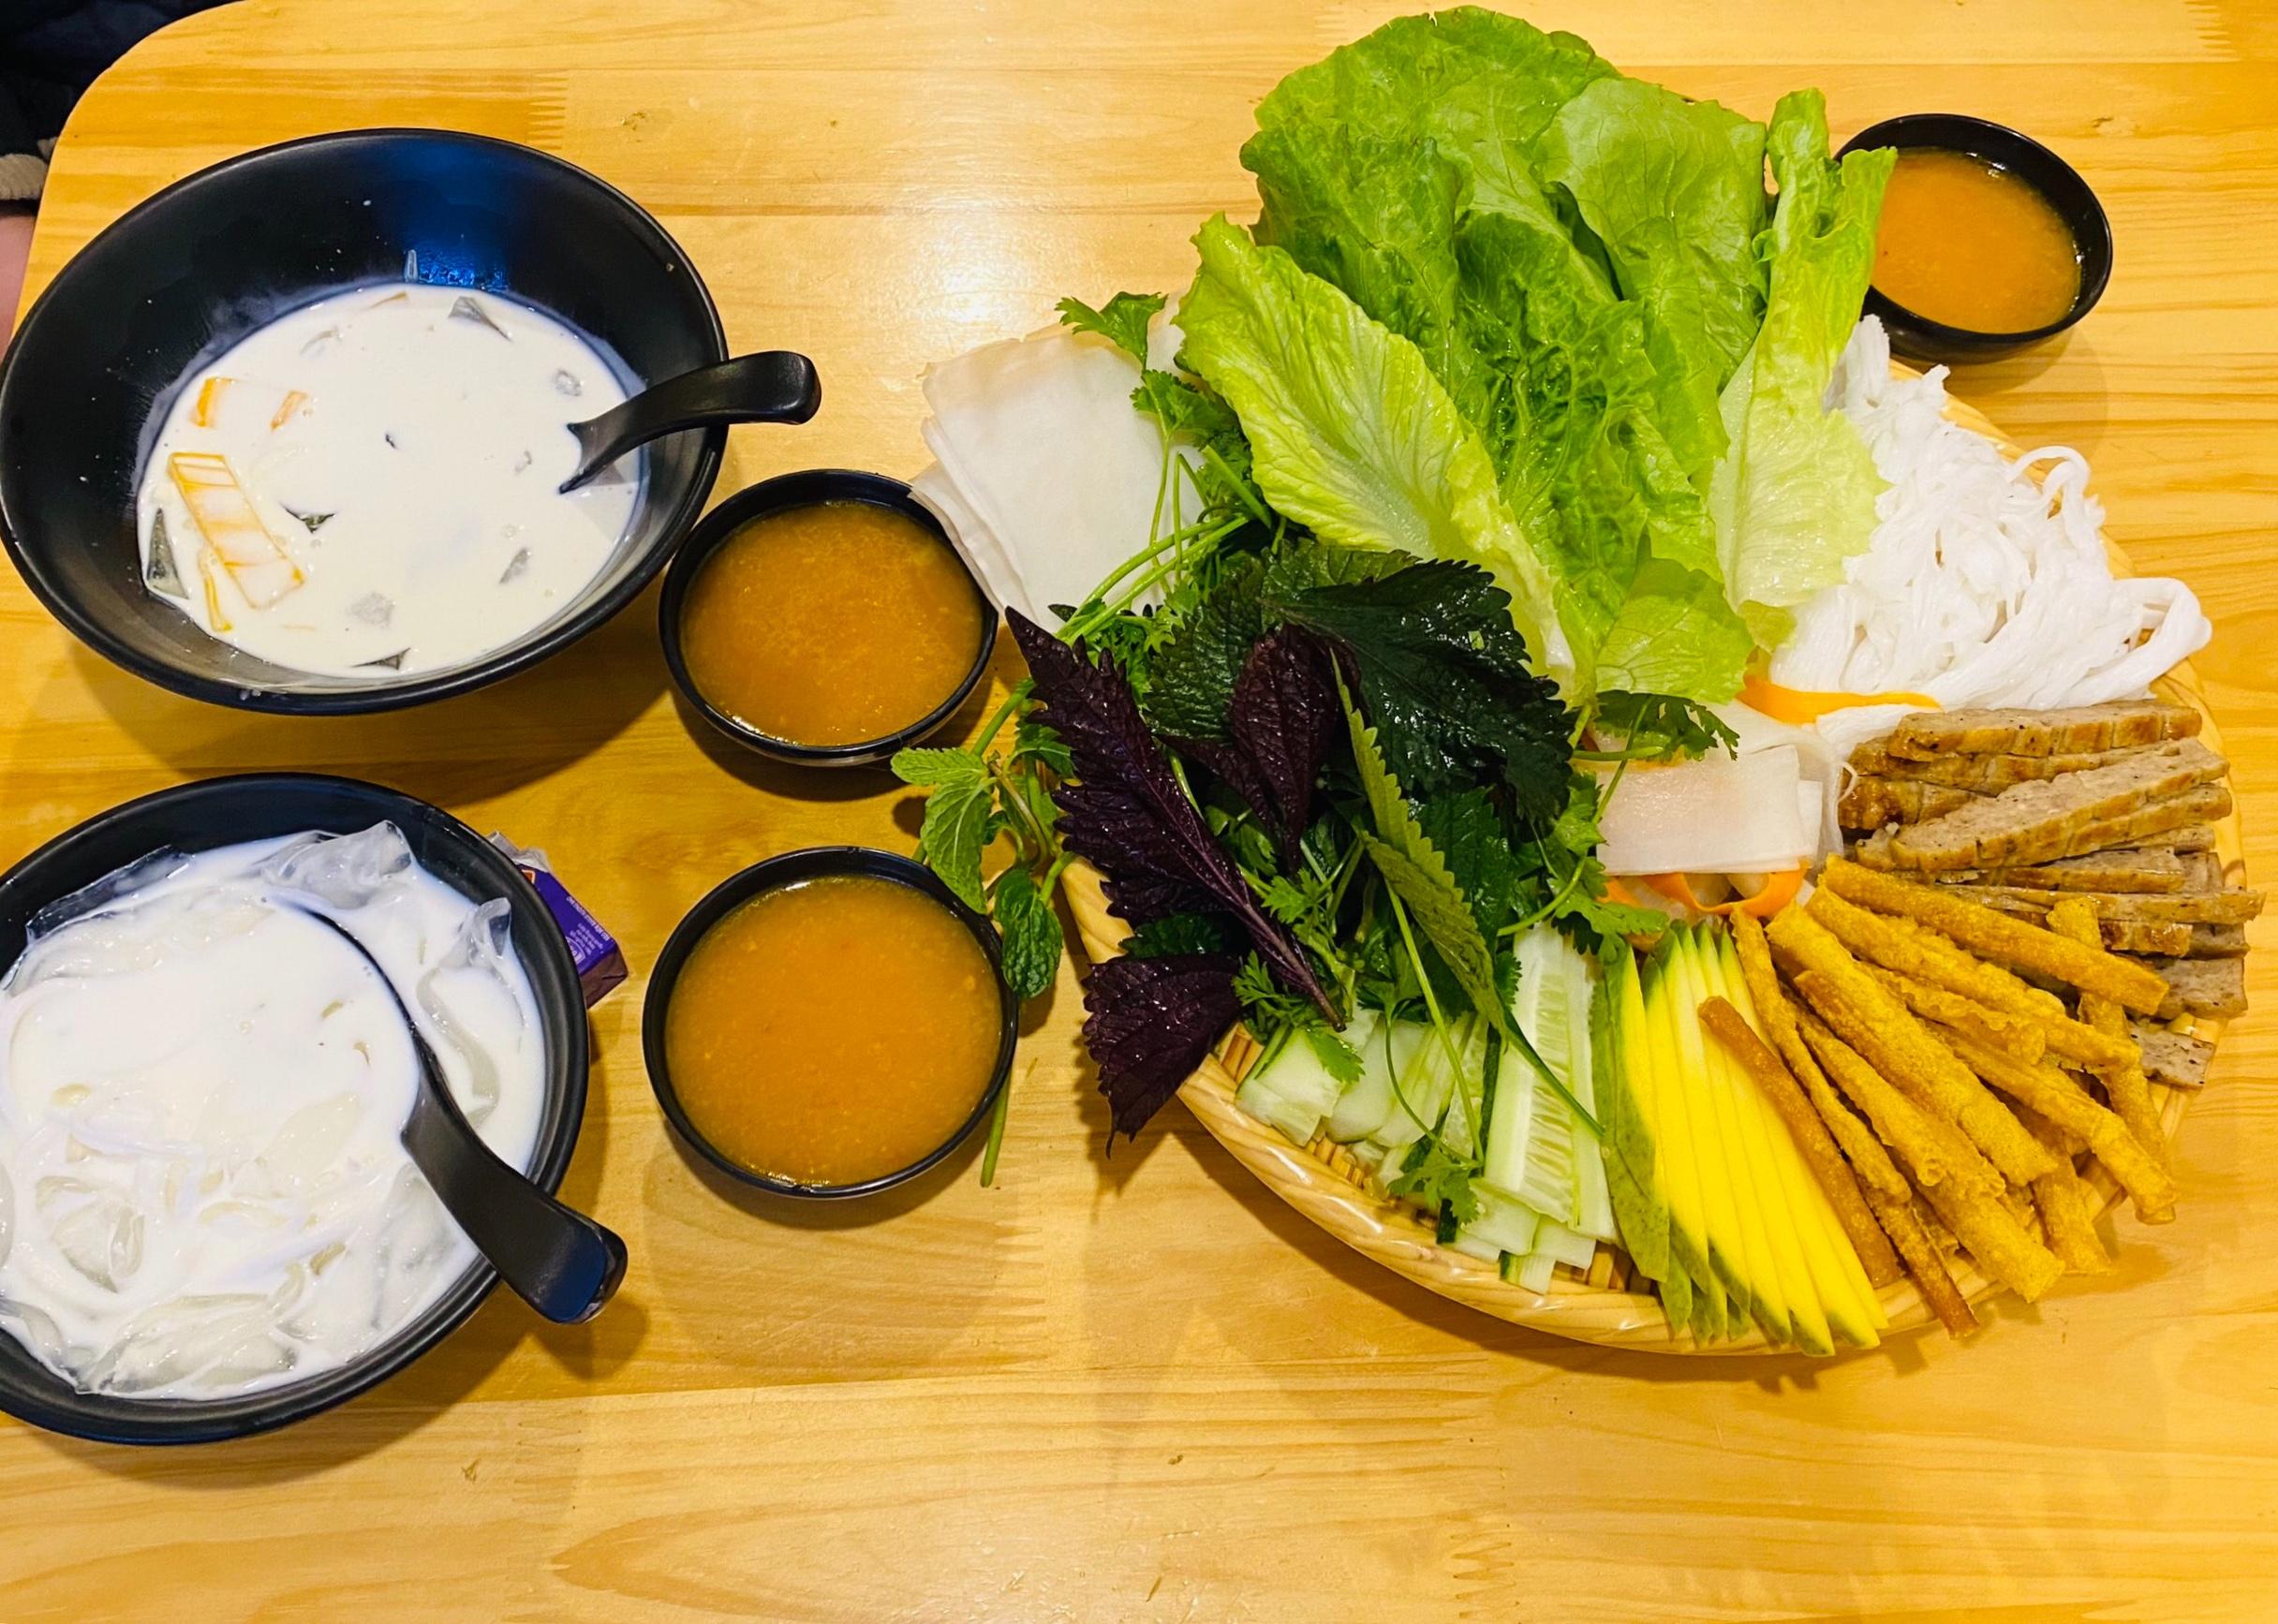 Quán coco food Mộc Châu với các món đồ ăn vặt miền Trung